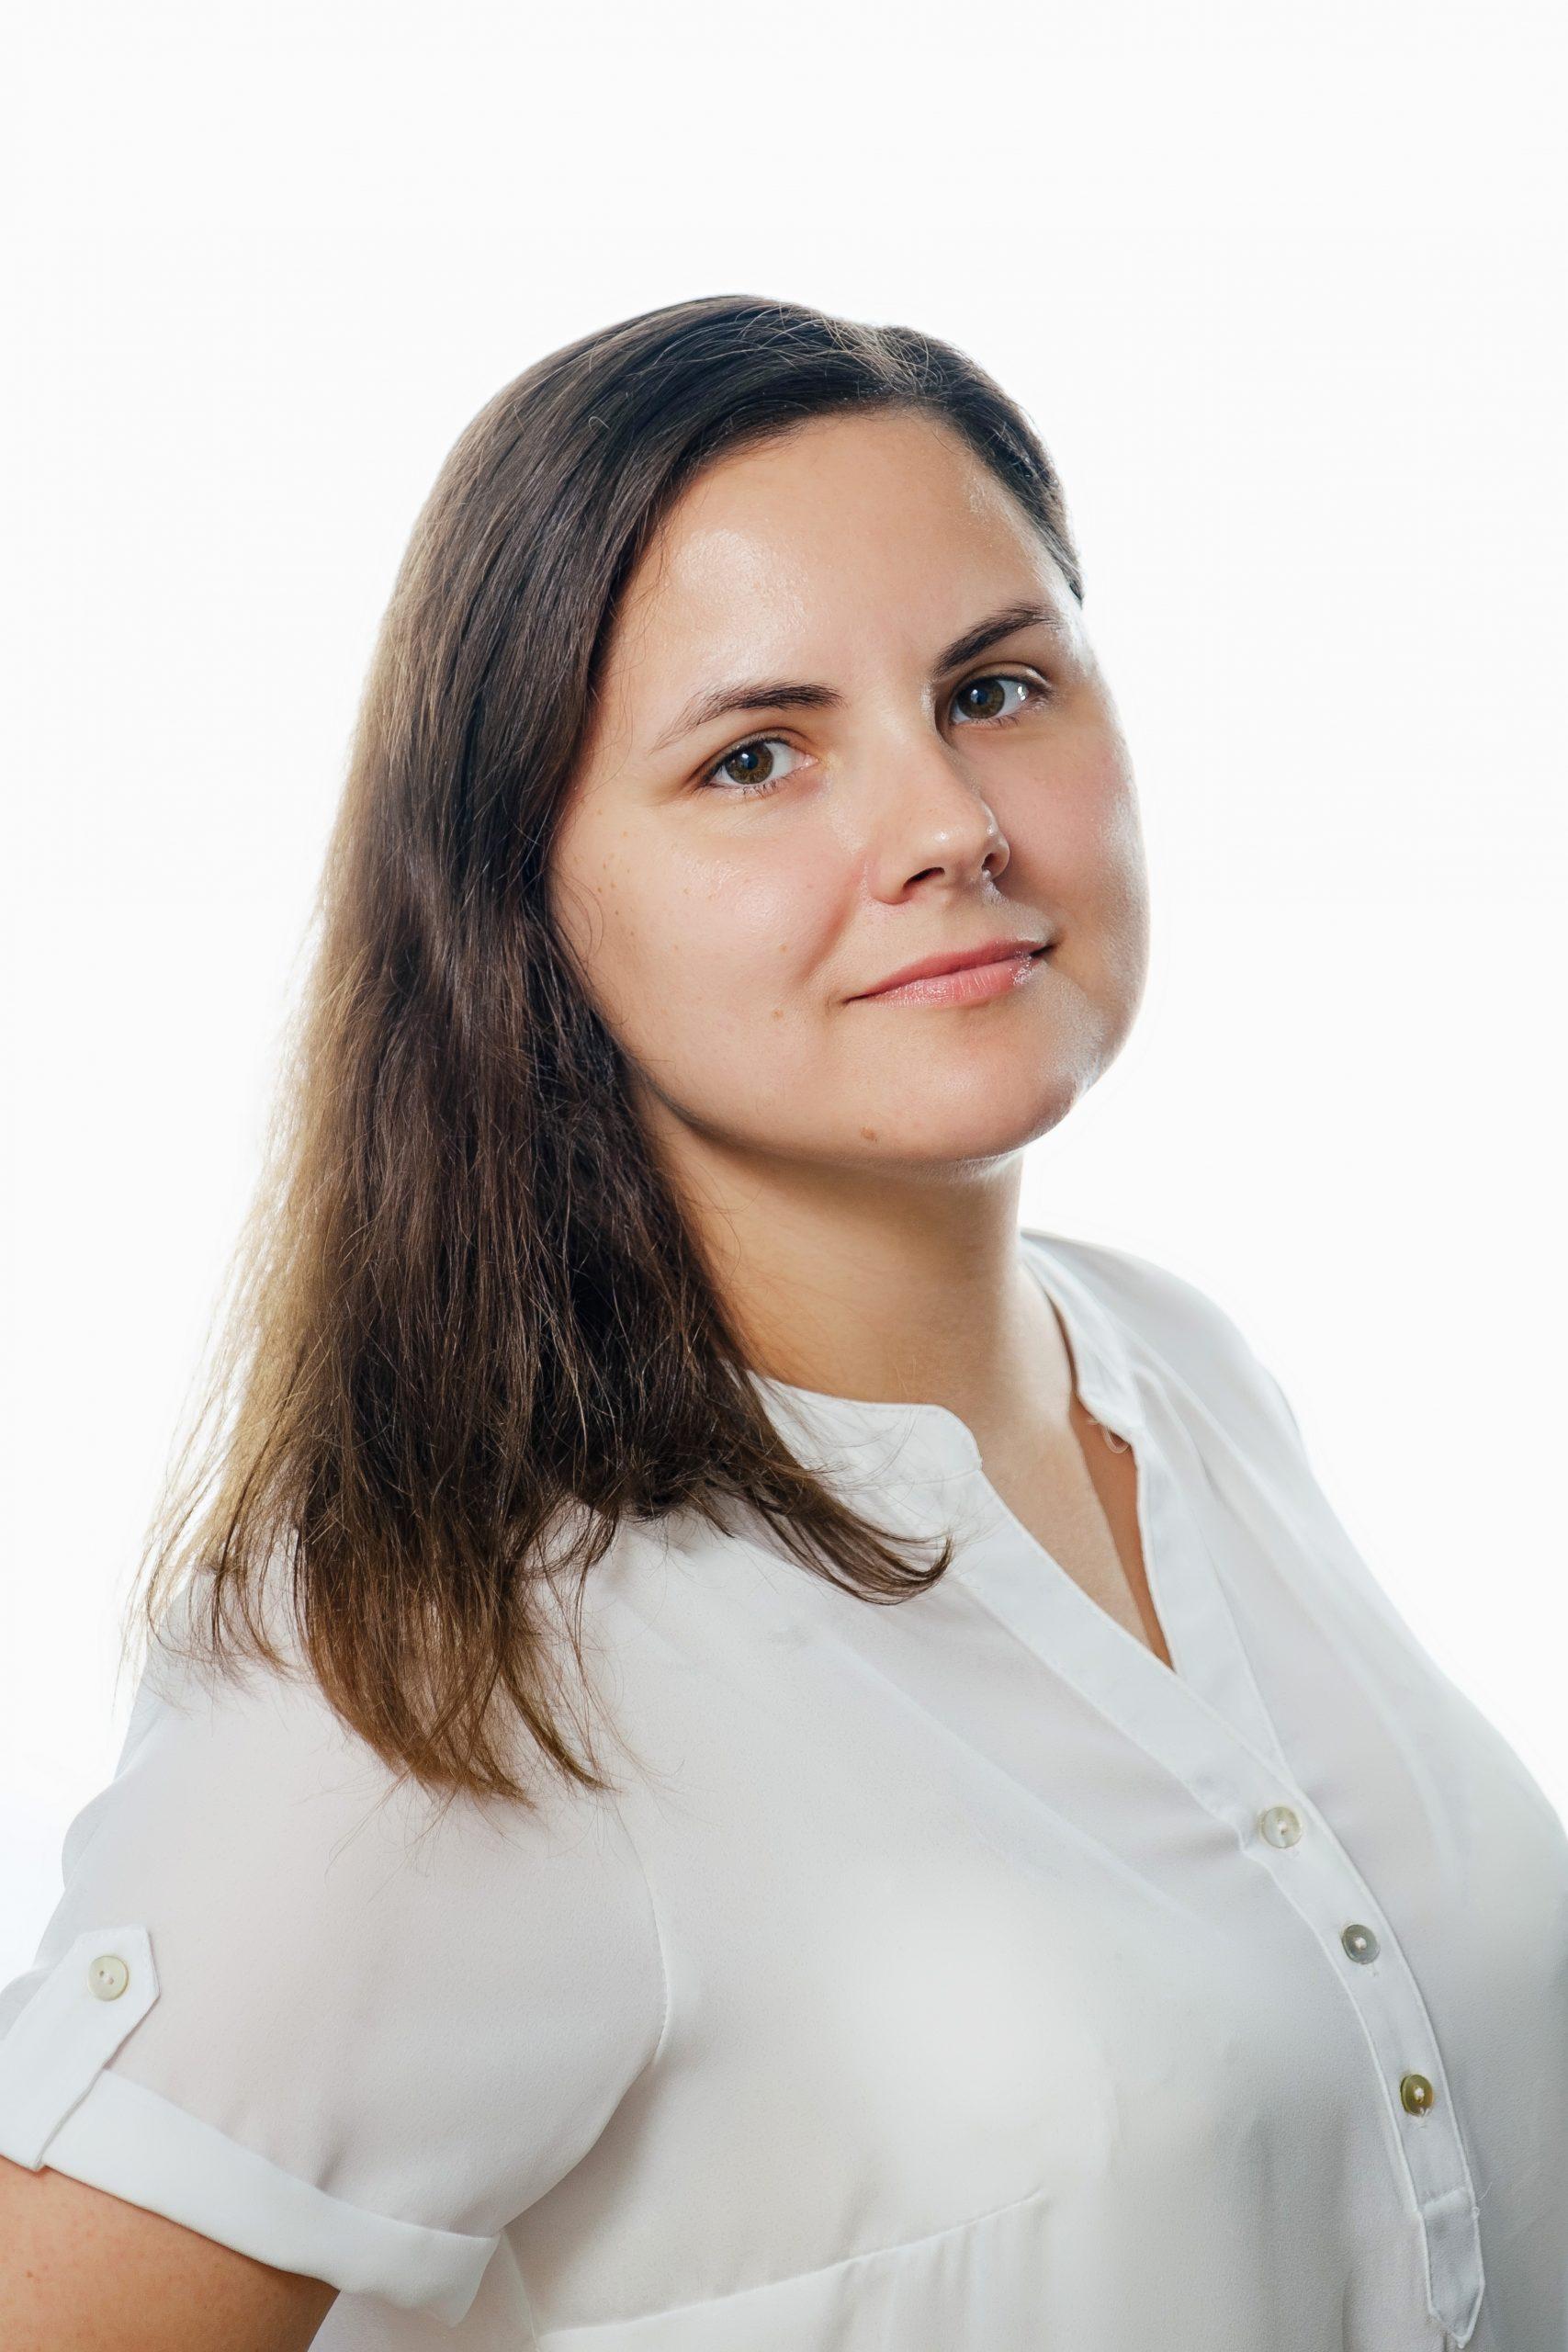 Шаймухаметова  Наталья